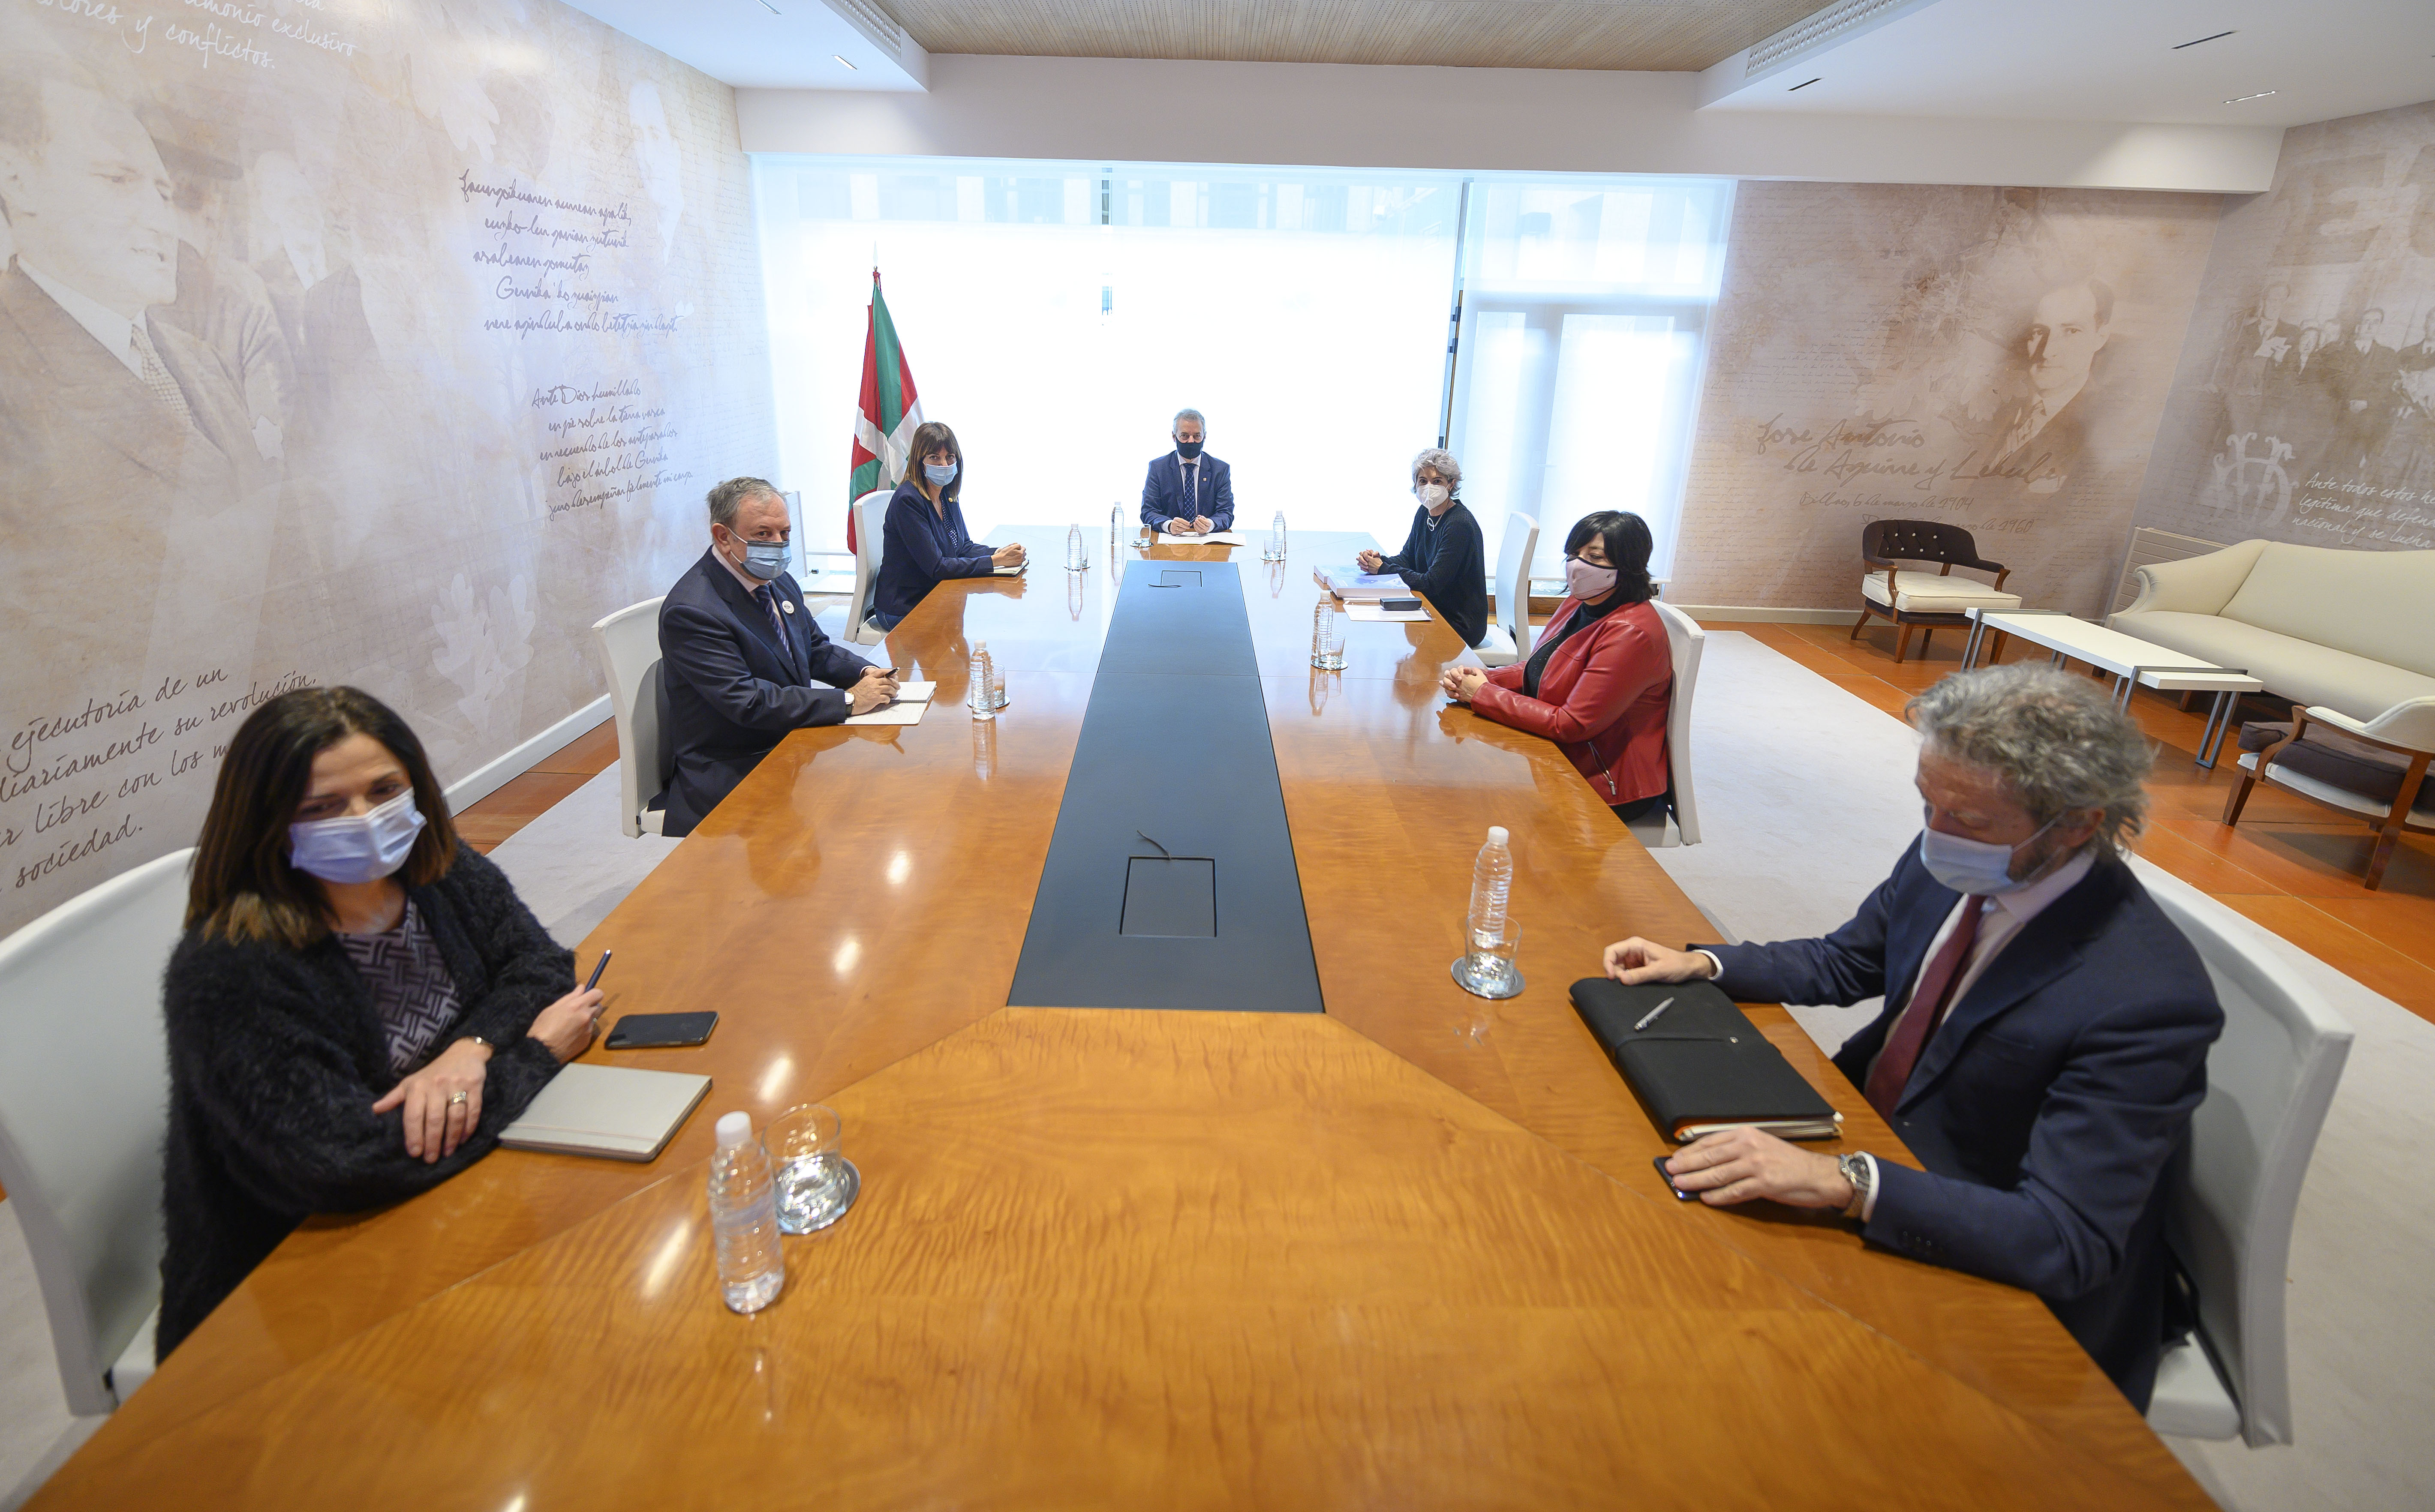 El Lehendakari recibe a responsables del Consejo Económico y Social Vasco-CES [0:49]